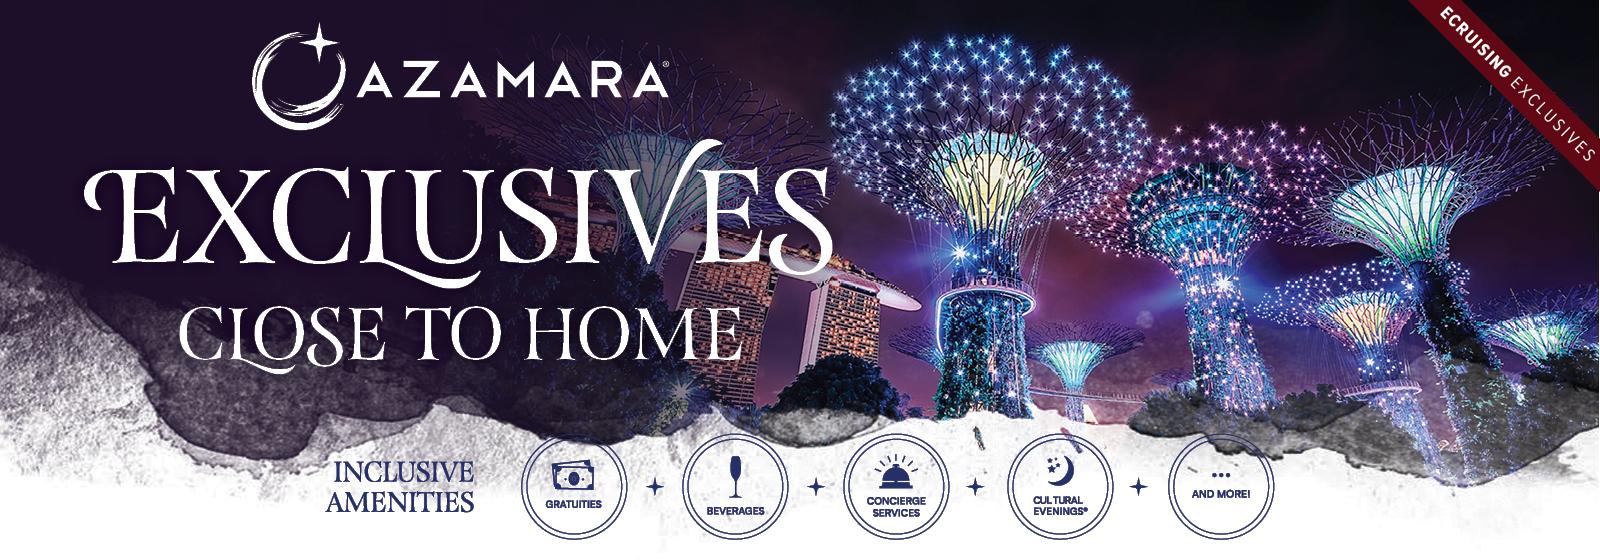 Azamara Exclusives5